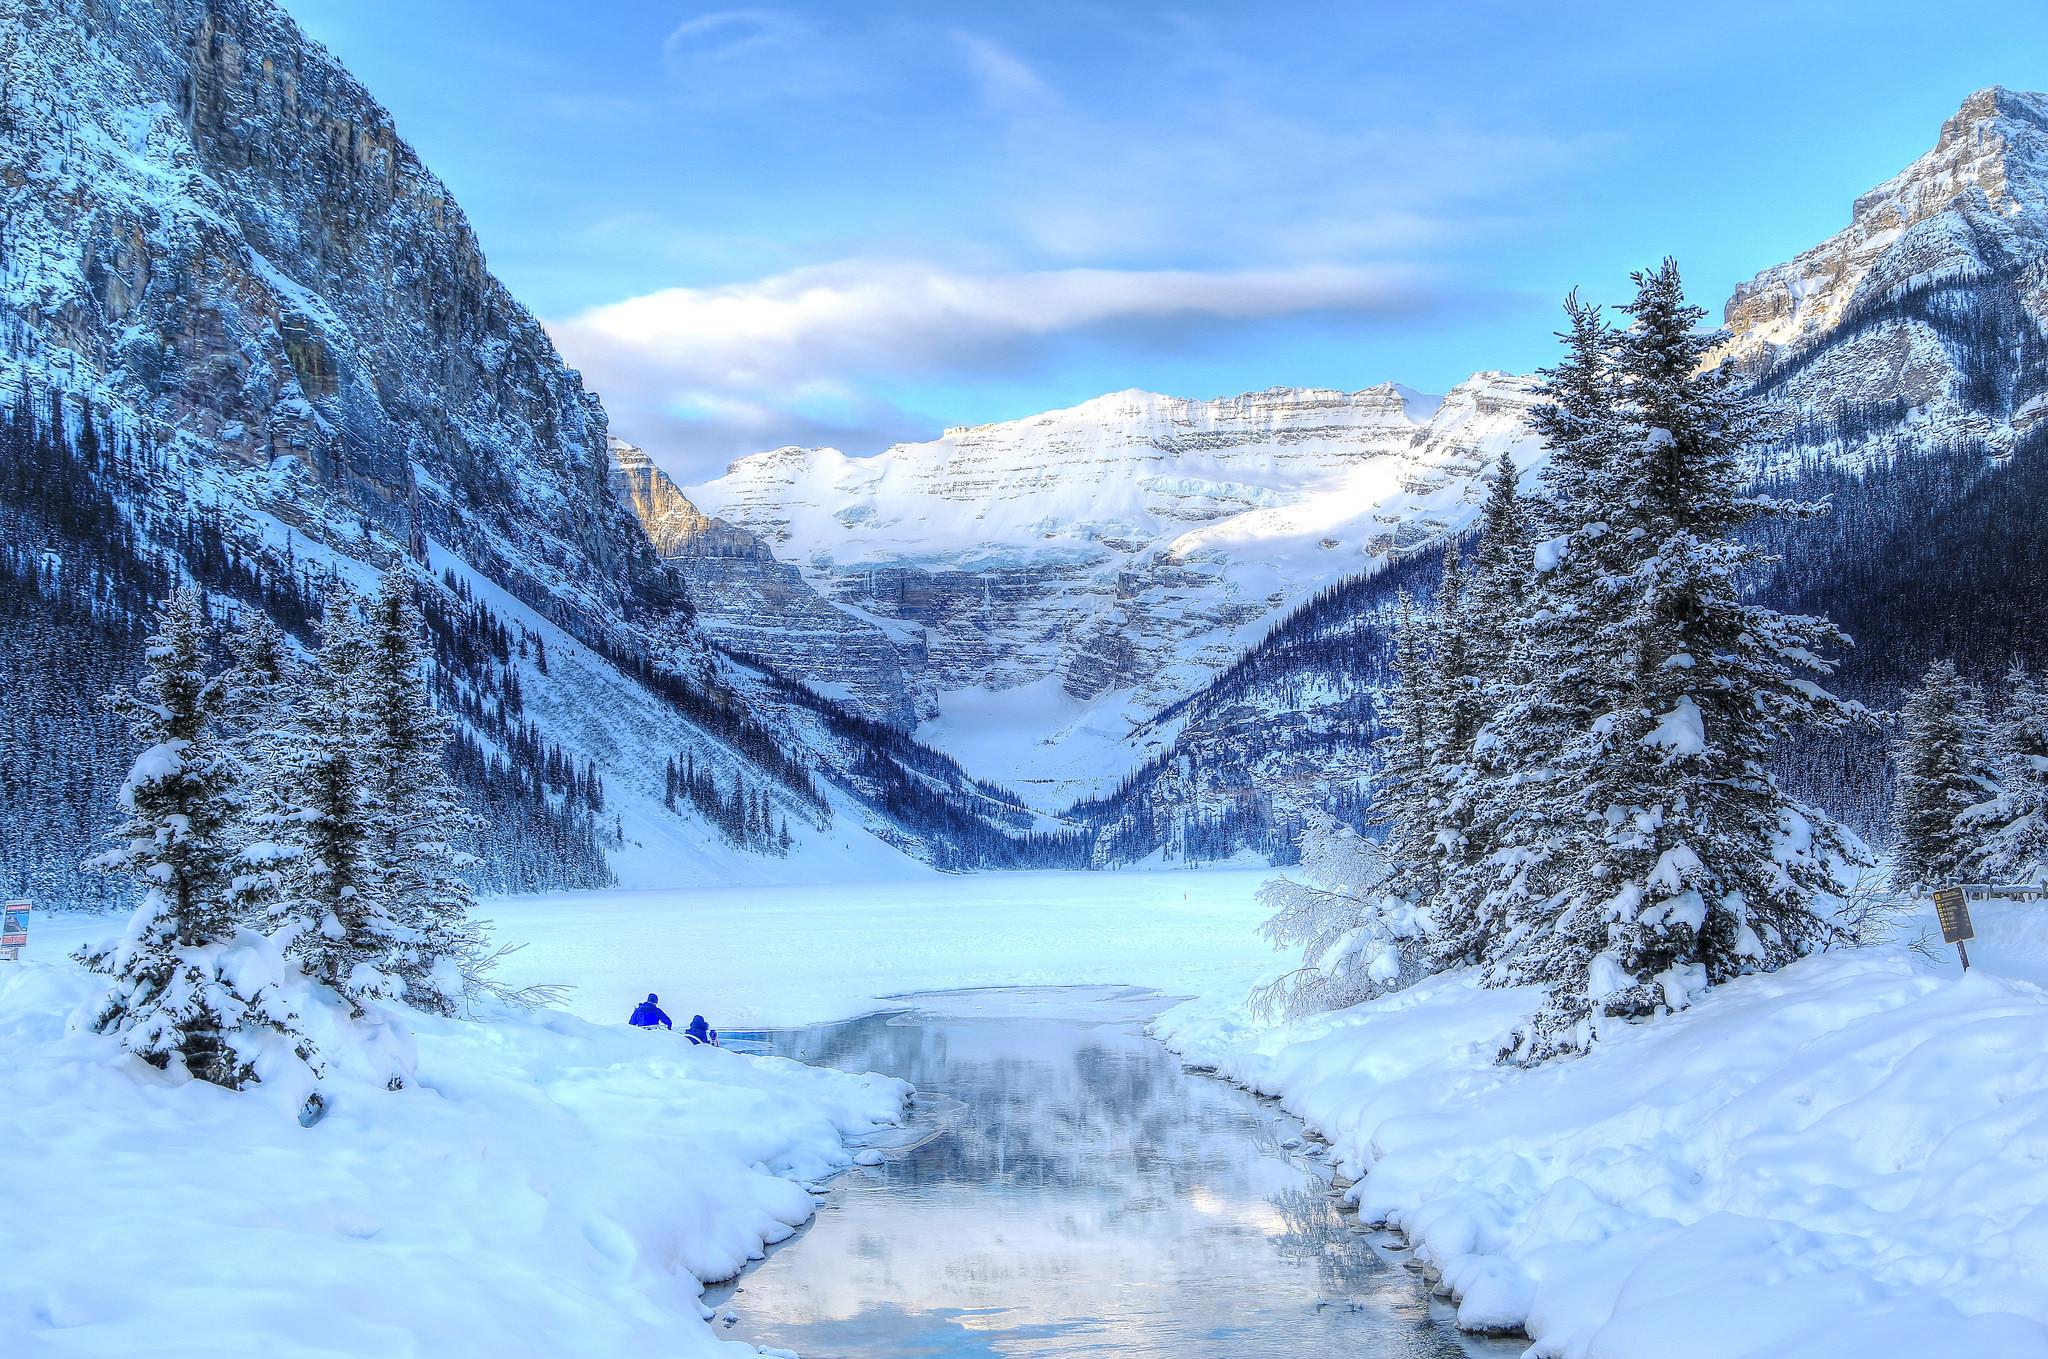 горы озеро снег зима скачать